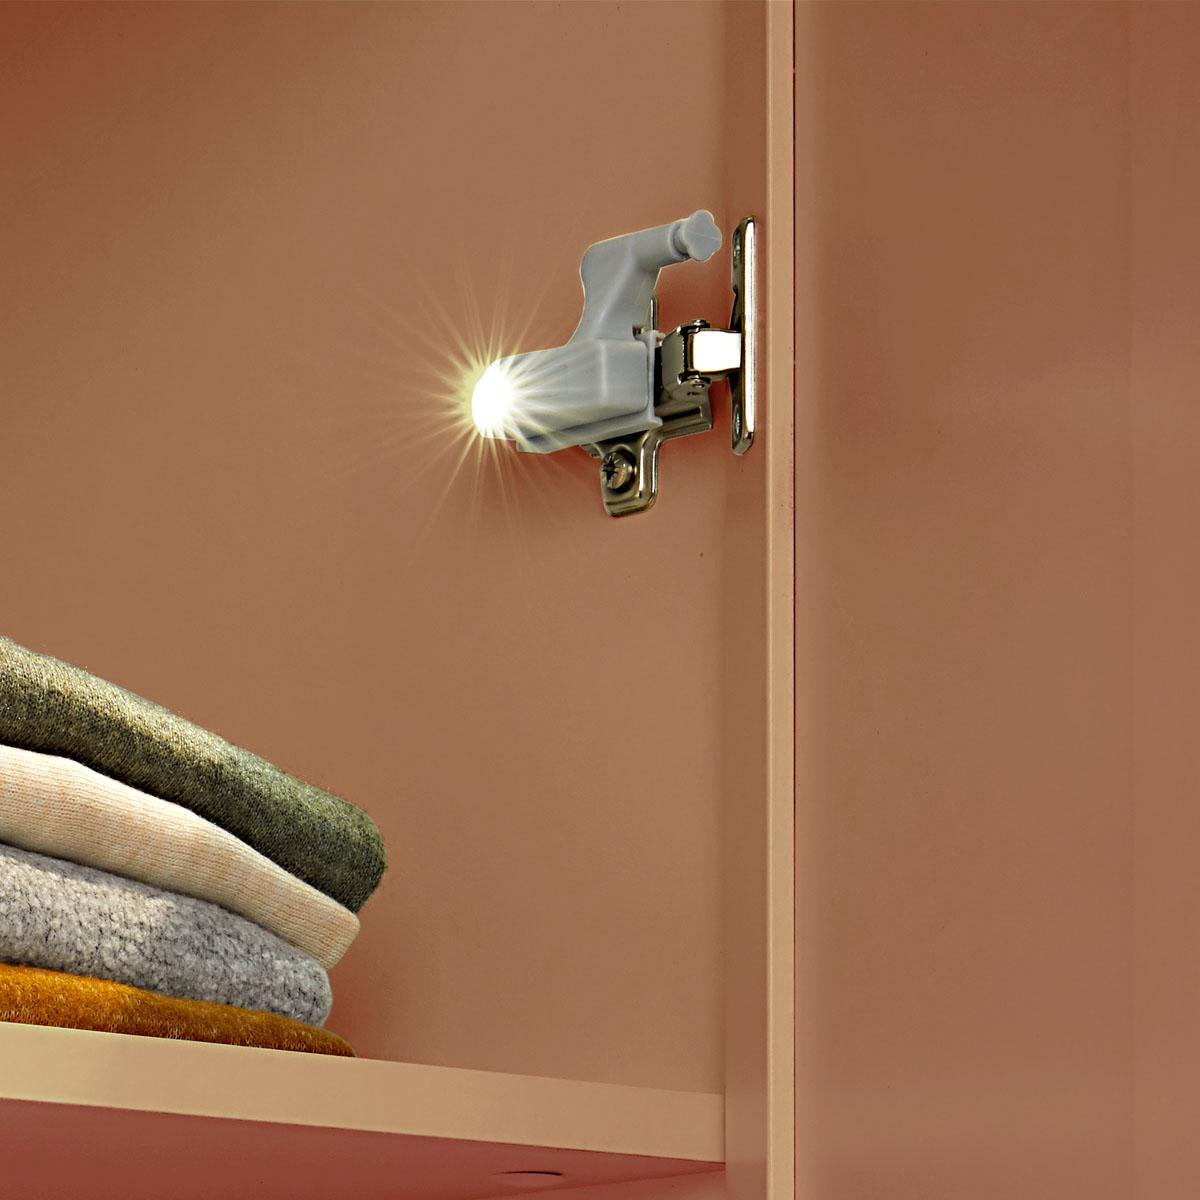 Светильники на петли дверей шкафа, 4 штуки [08340],